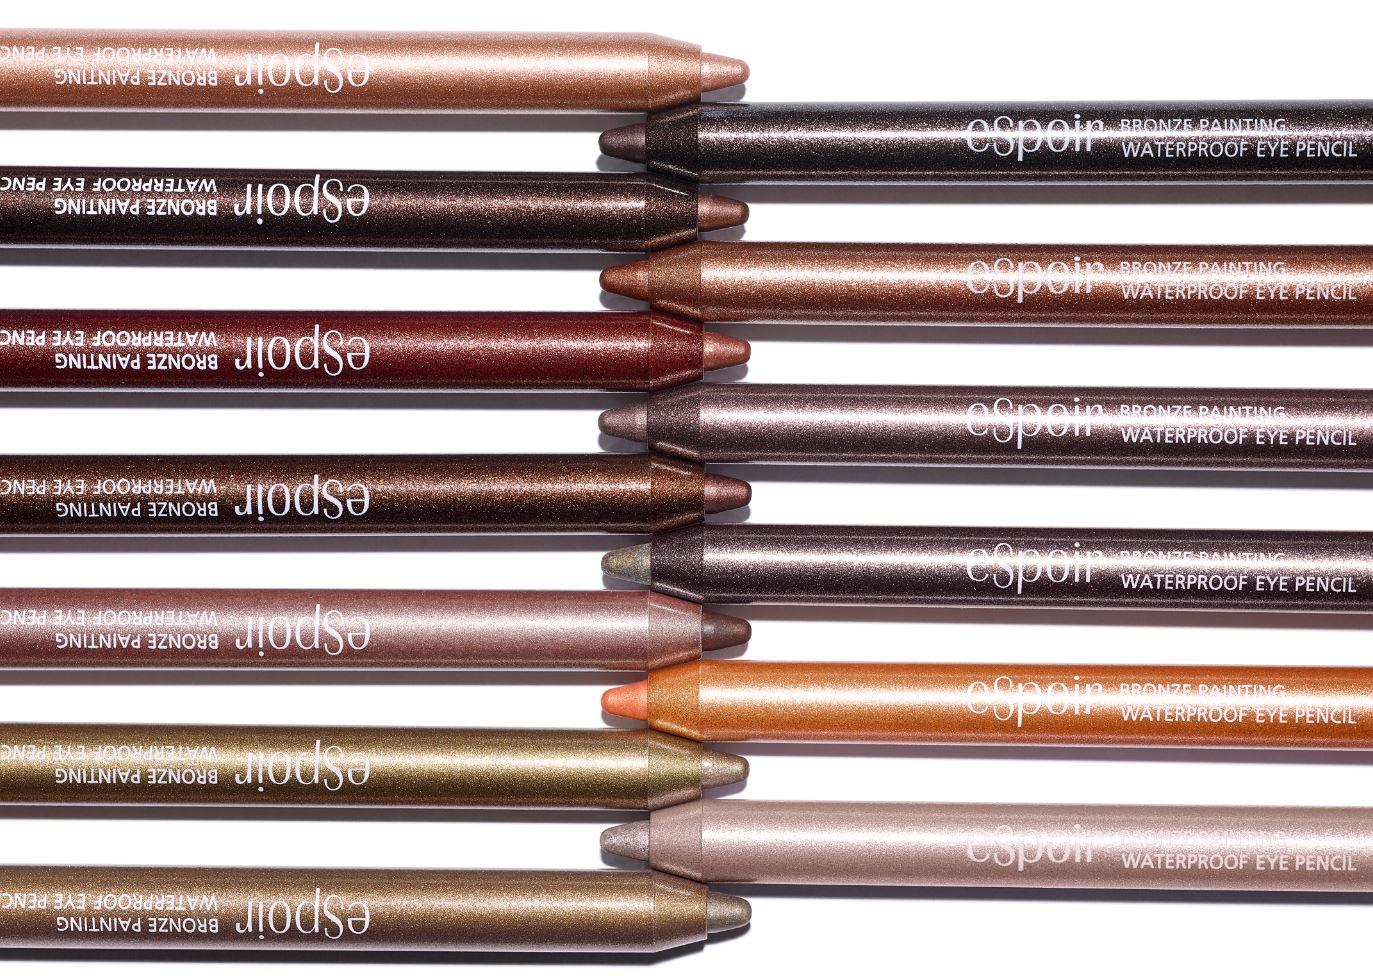 espoir-bronze-painting-waterproof-eye-pencil02.jpg